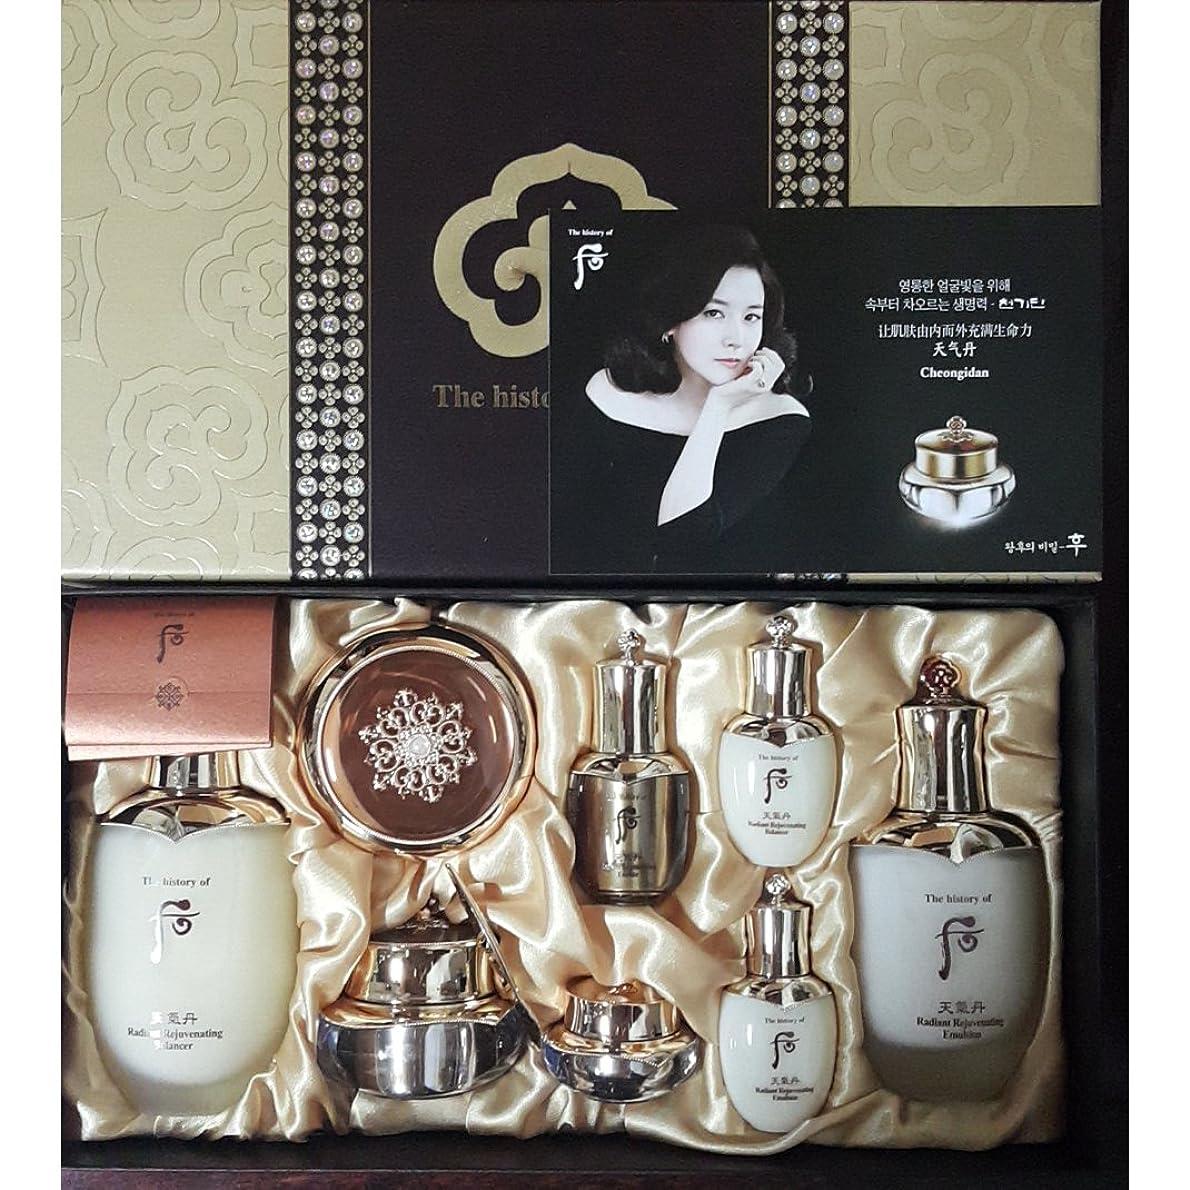 ひどい病承知しました[The History Of Whoo] Whoo后(フー)Cheongidan Special4EA SetゴンジンヒャンSpecial Set/チョンギダン化現象4種スペシャルセット+ Sample Gift【海外直送品]